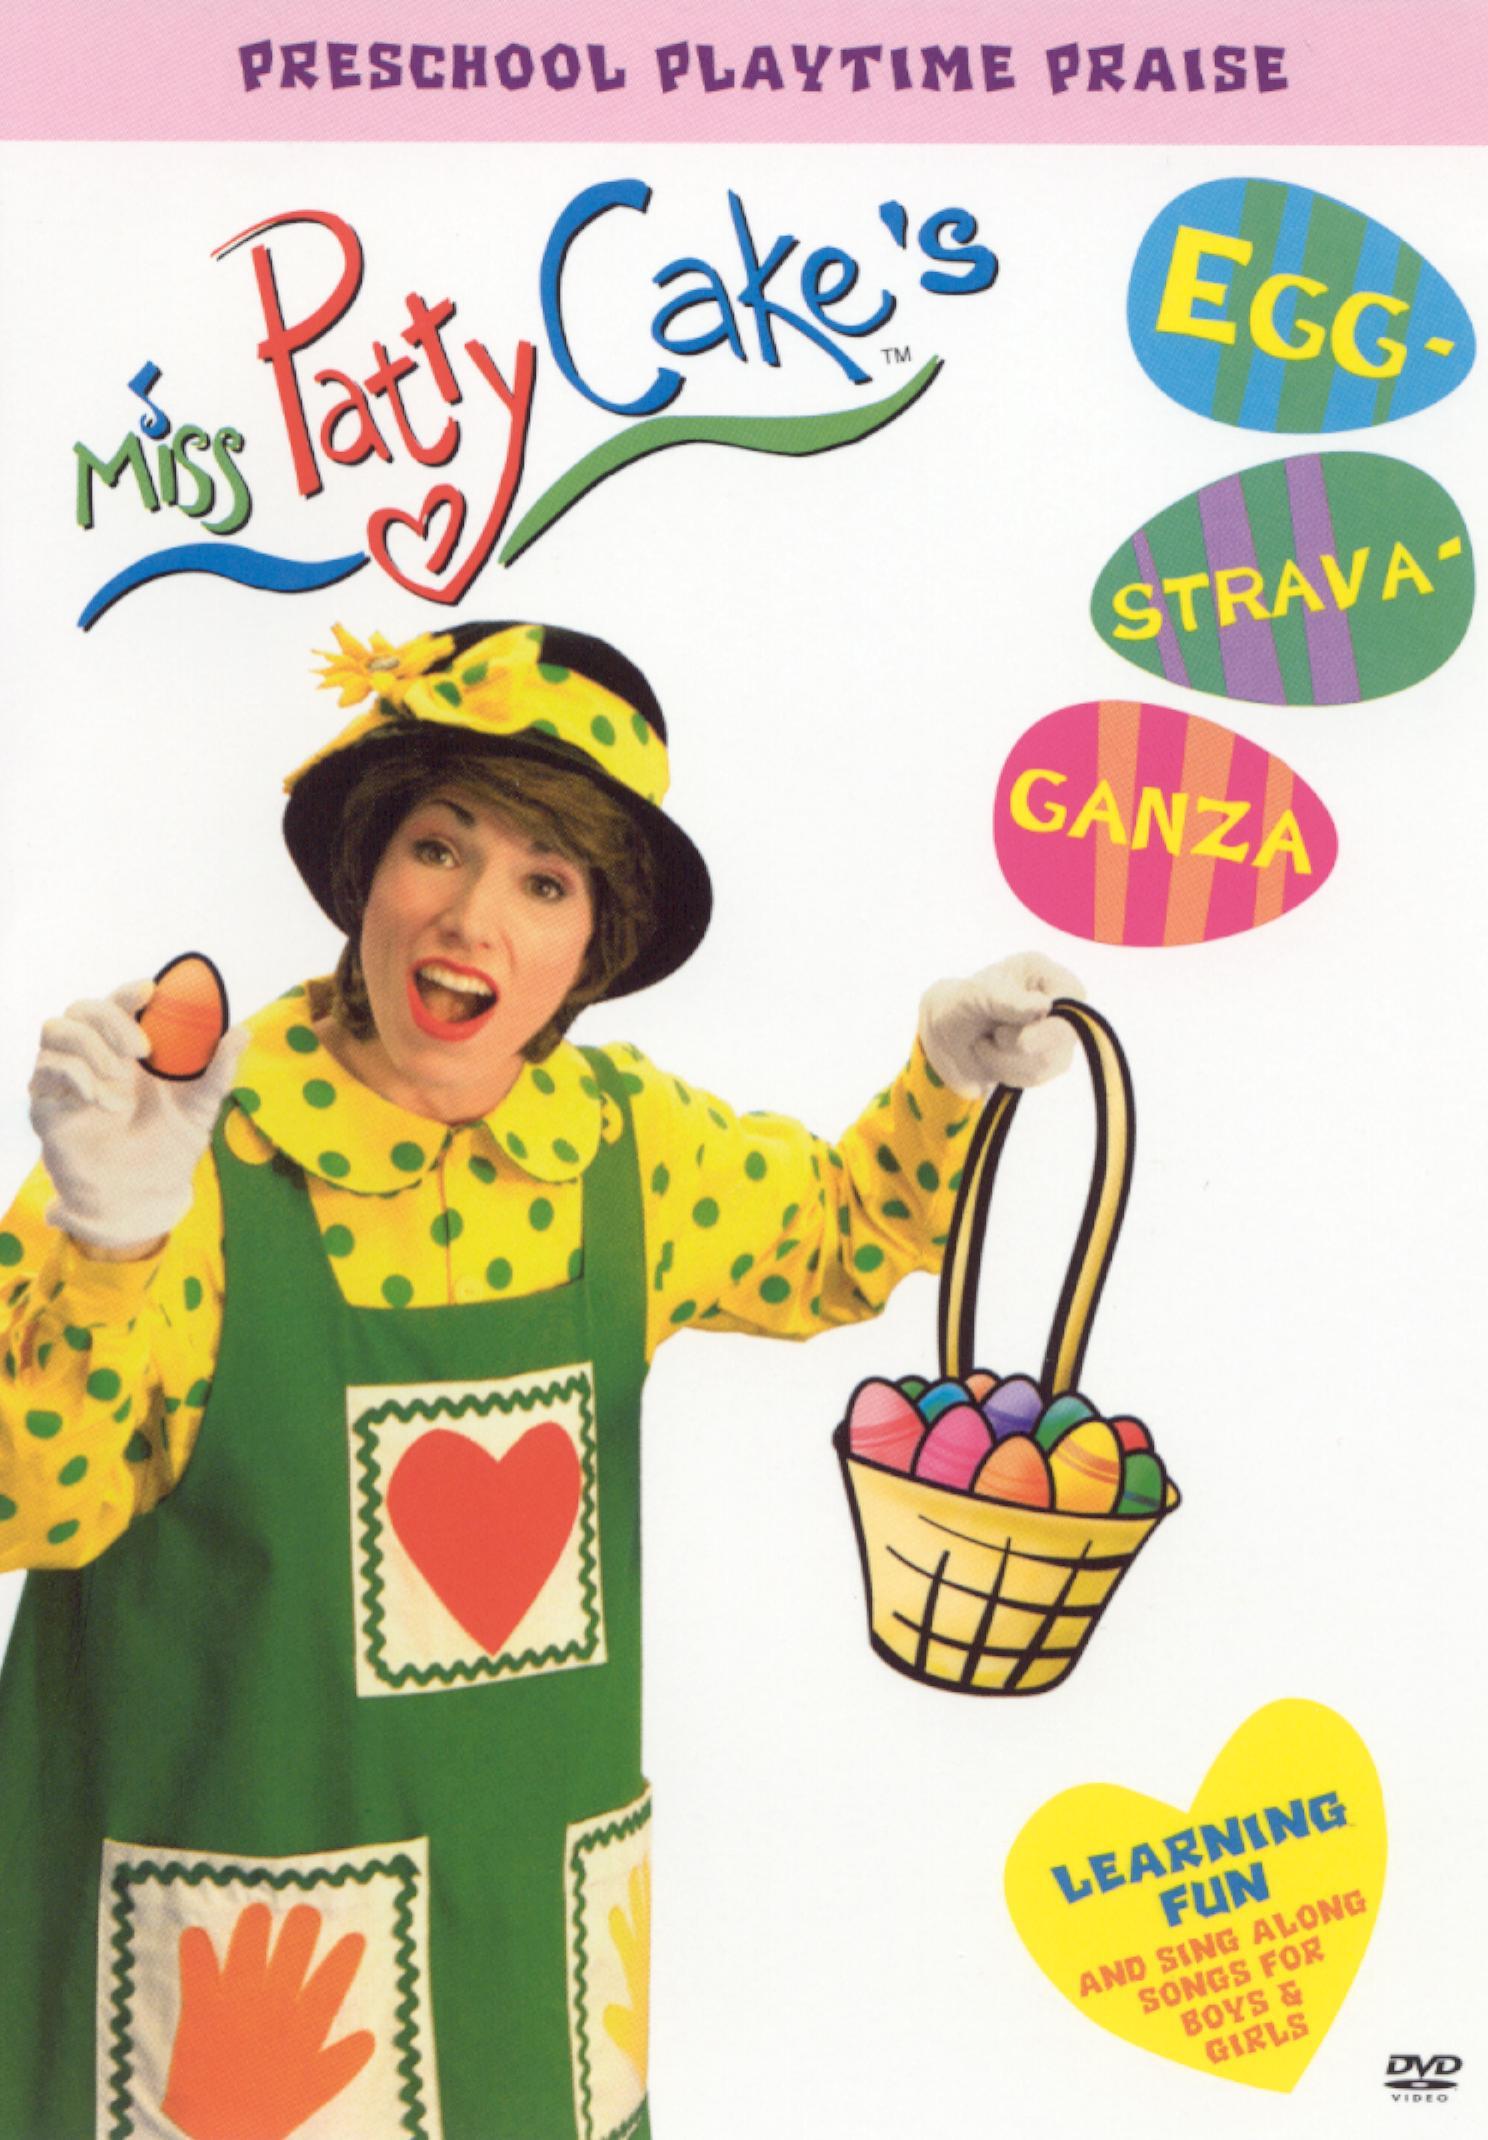 Miss Pattycake: Eggstravaganza